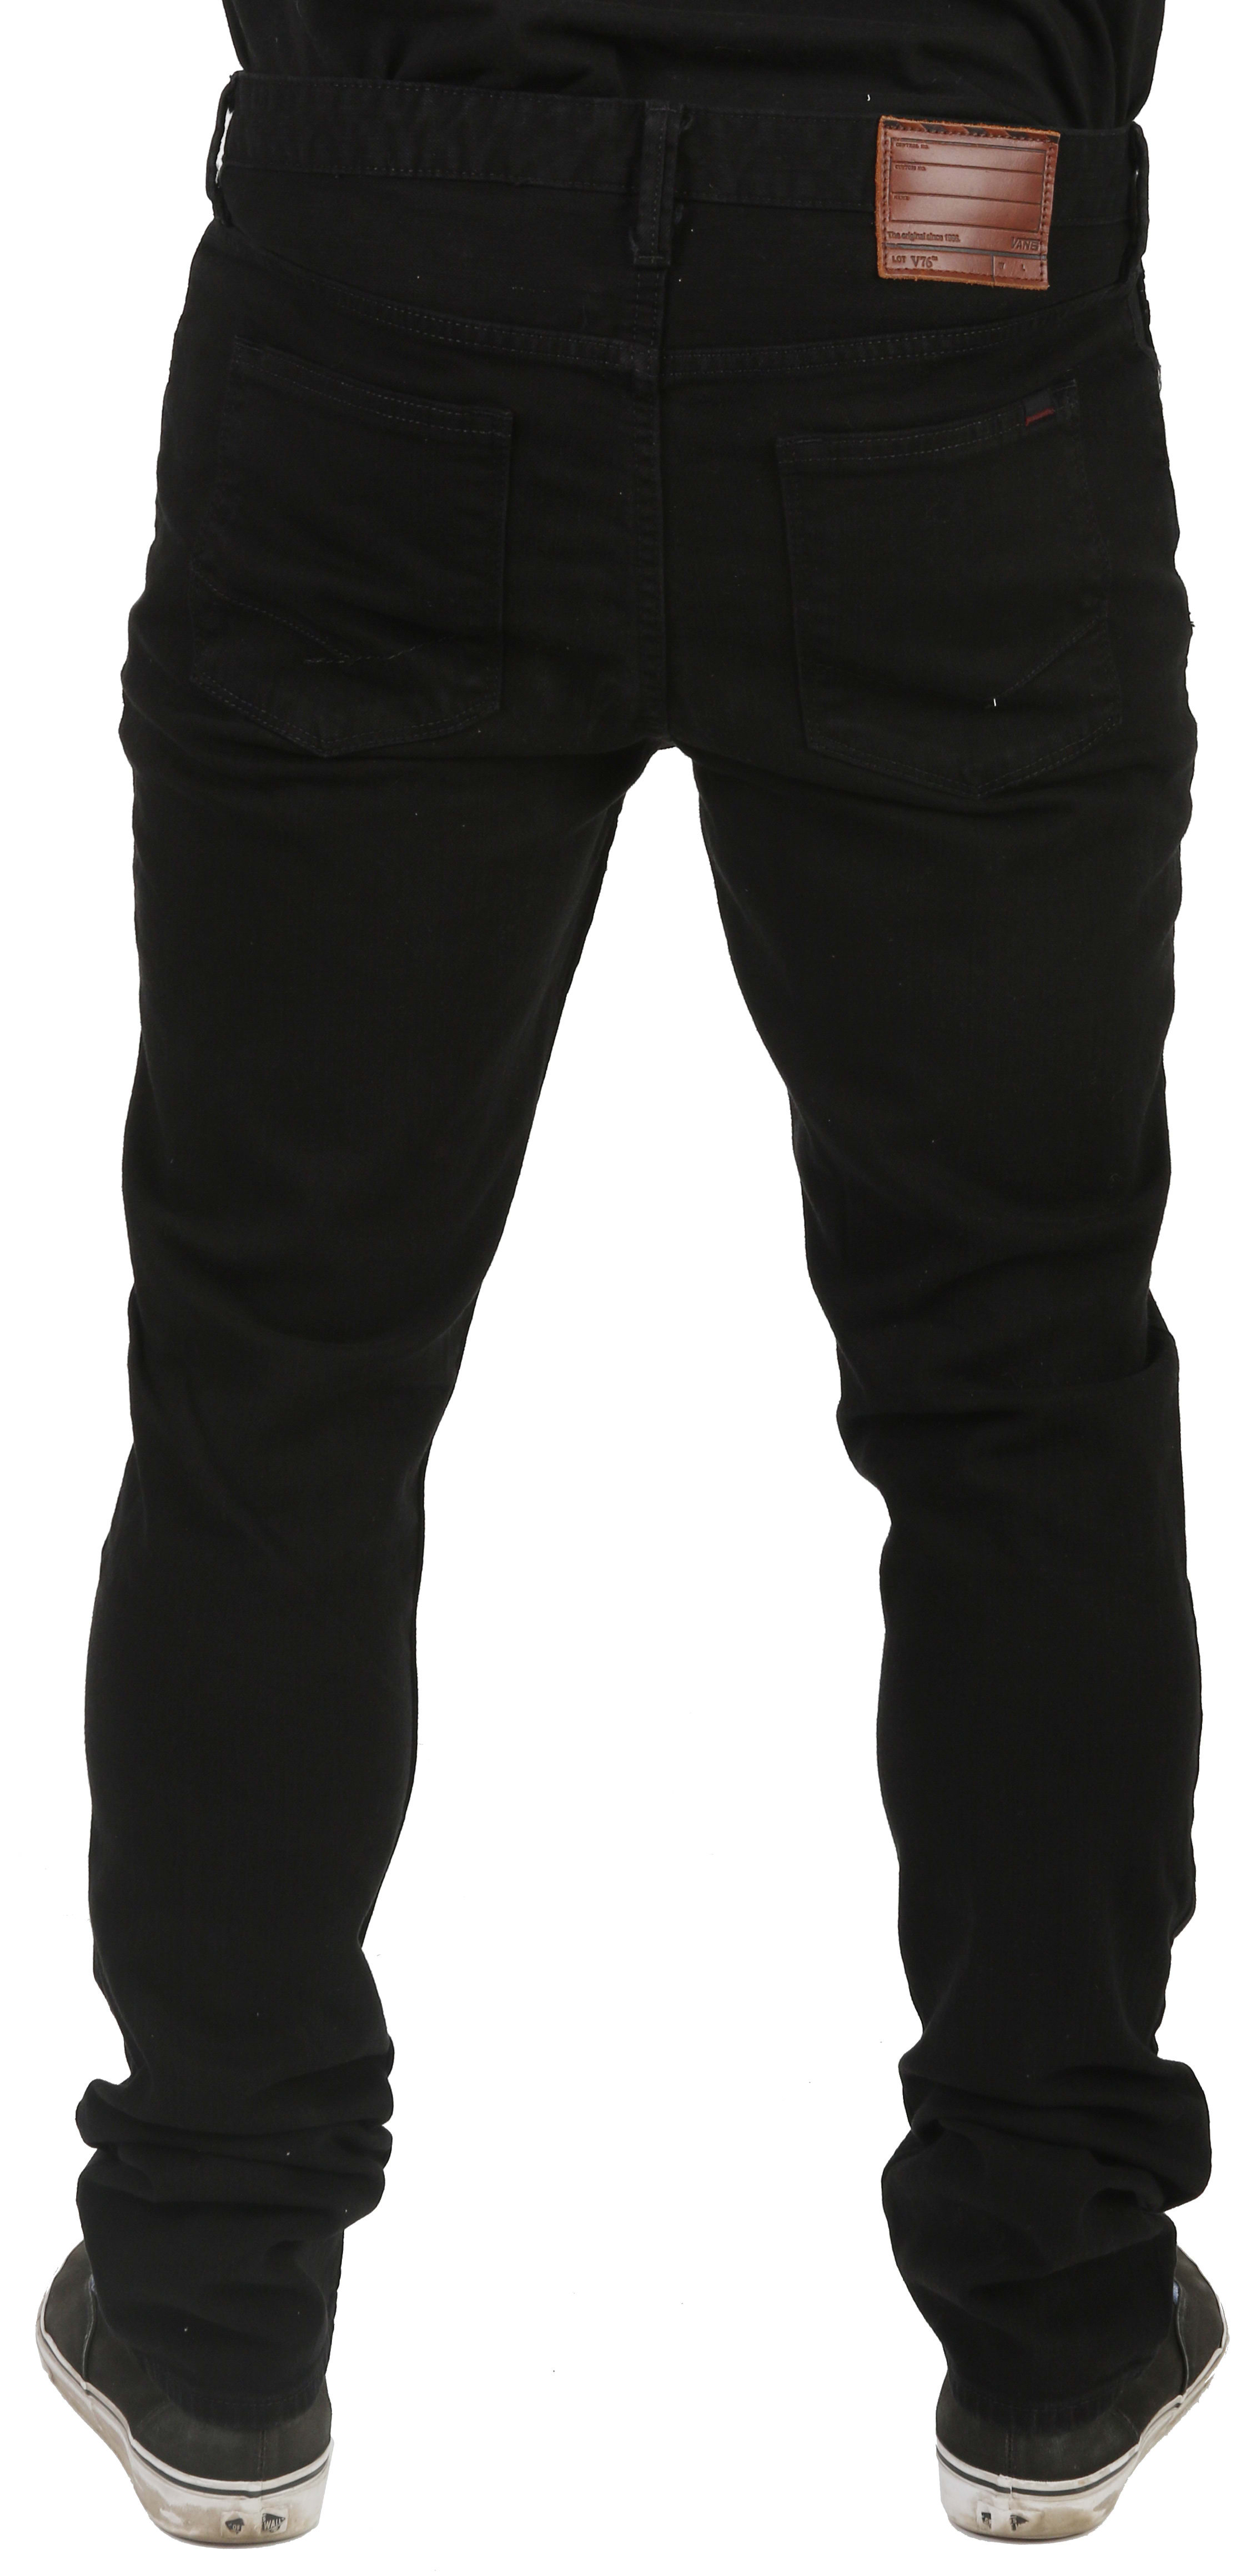 0c2b36fd60 Vans V76 Skinny Jeans